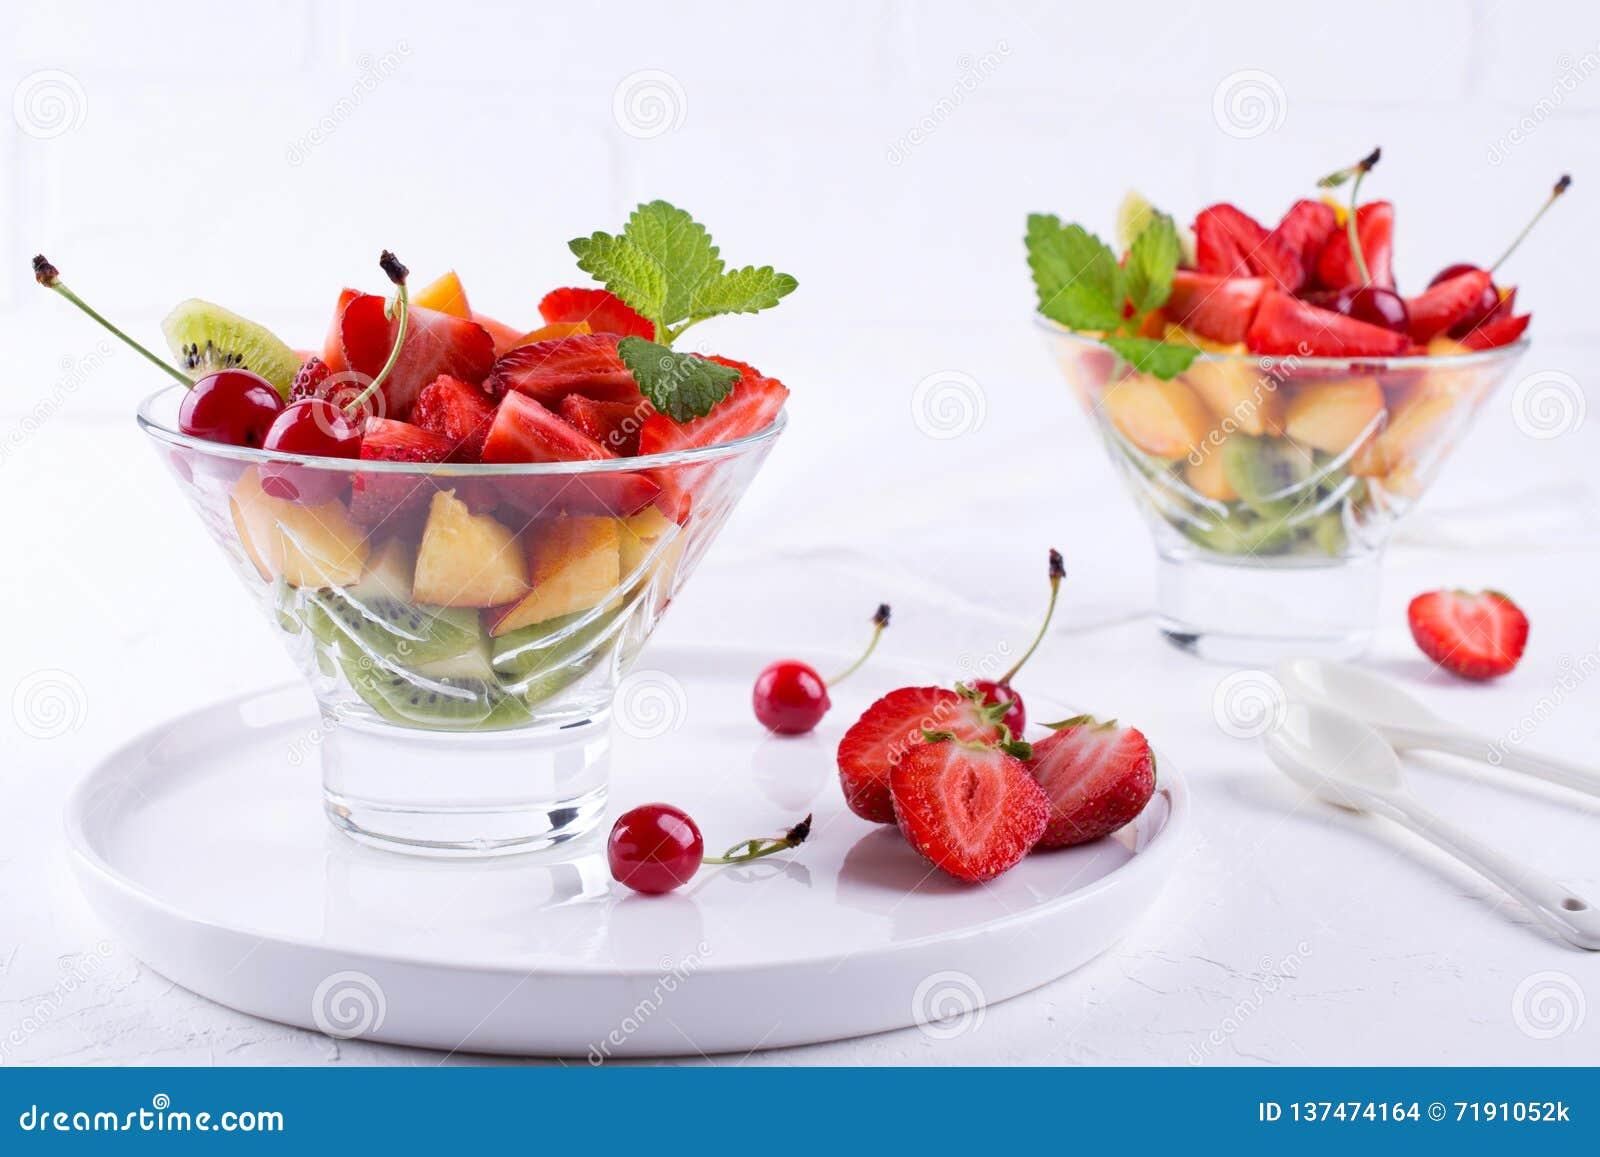 Ensalada de fruta colorida en el bol de vidrio Fresas, kiwis y postre de los albaricoques